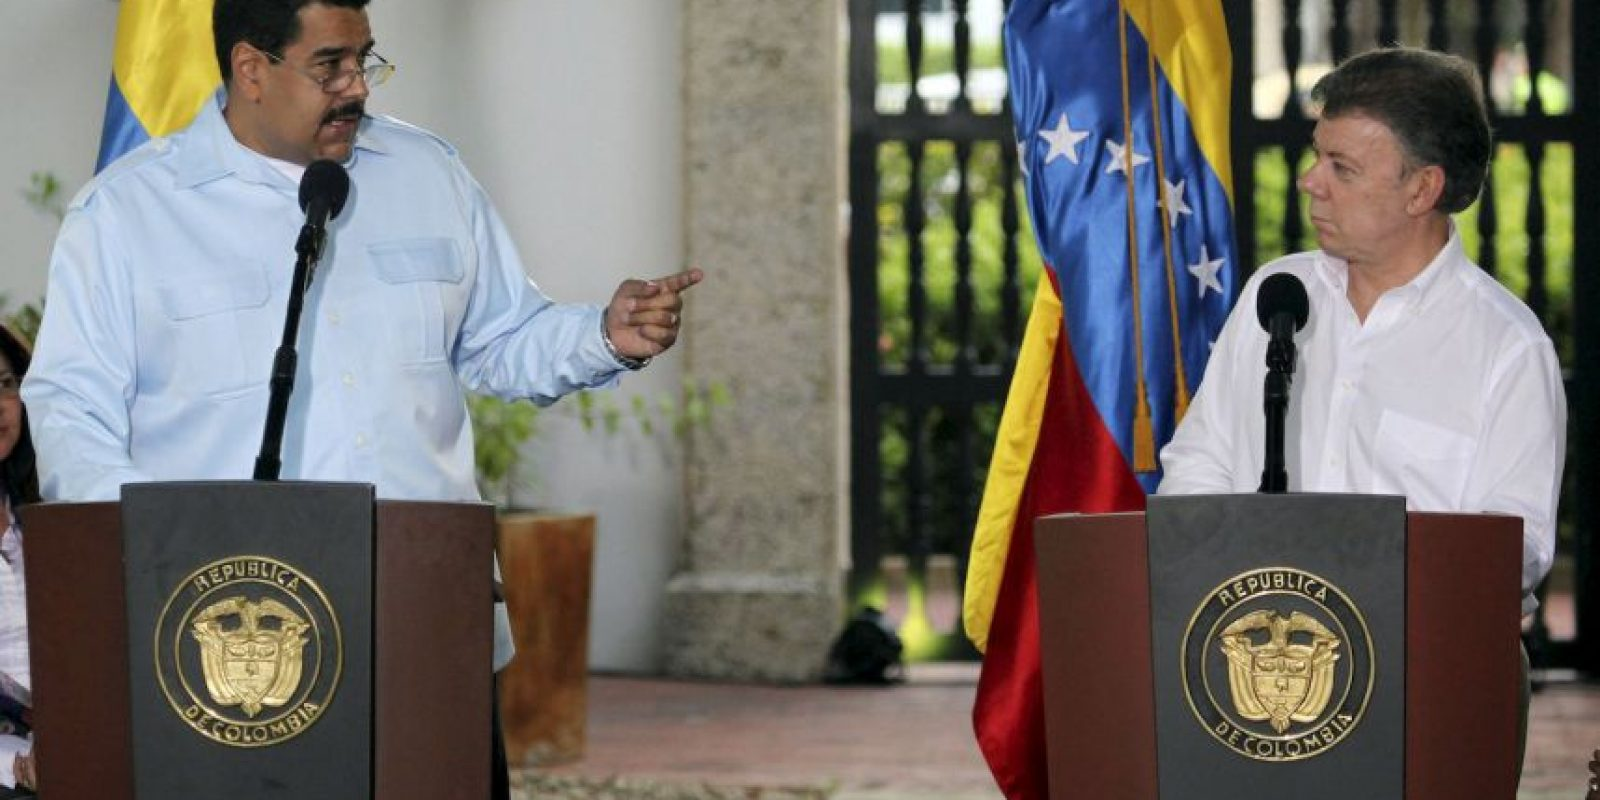 """""""Miren esta figura que les apareció a los trabajadores. Un rostro, ¿quién está en ese rostro? Una mirada, es la mirada de la patria que está en todos lados, inclusive en fenómenos que no tienen explicación"""", aseguró dando a entender que se trataba del rostros del fenecido Hugo Chávez. Foto:Getty Images"""